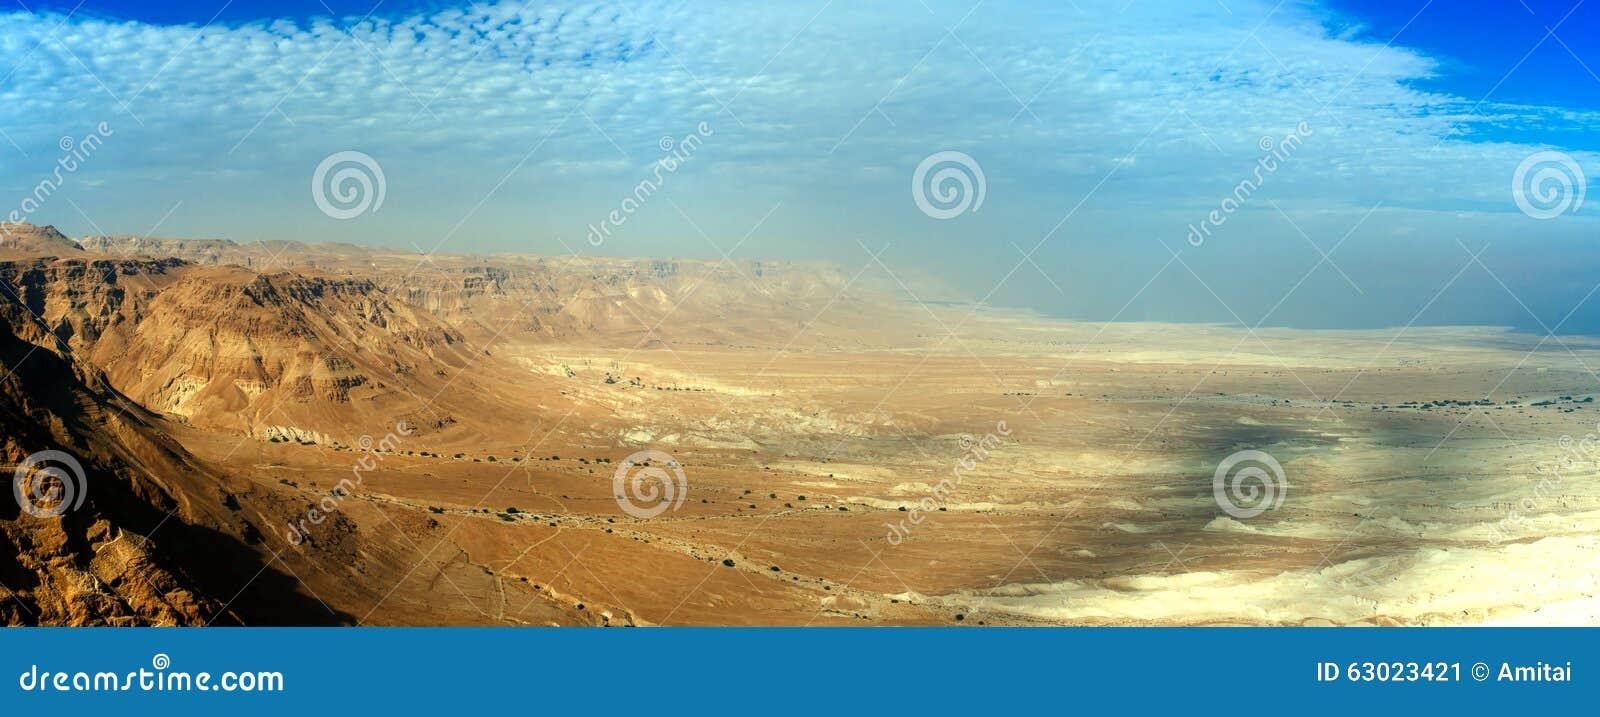 Série de la Terre Sainte - Judea Desert#1